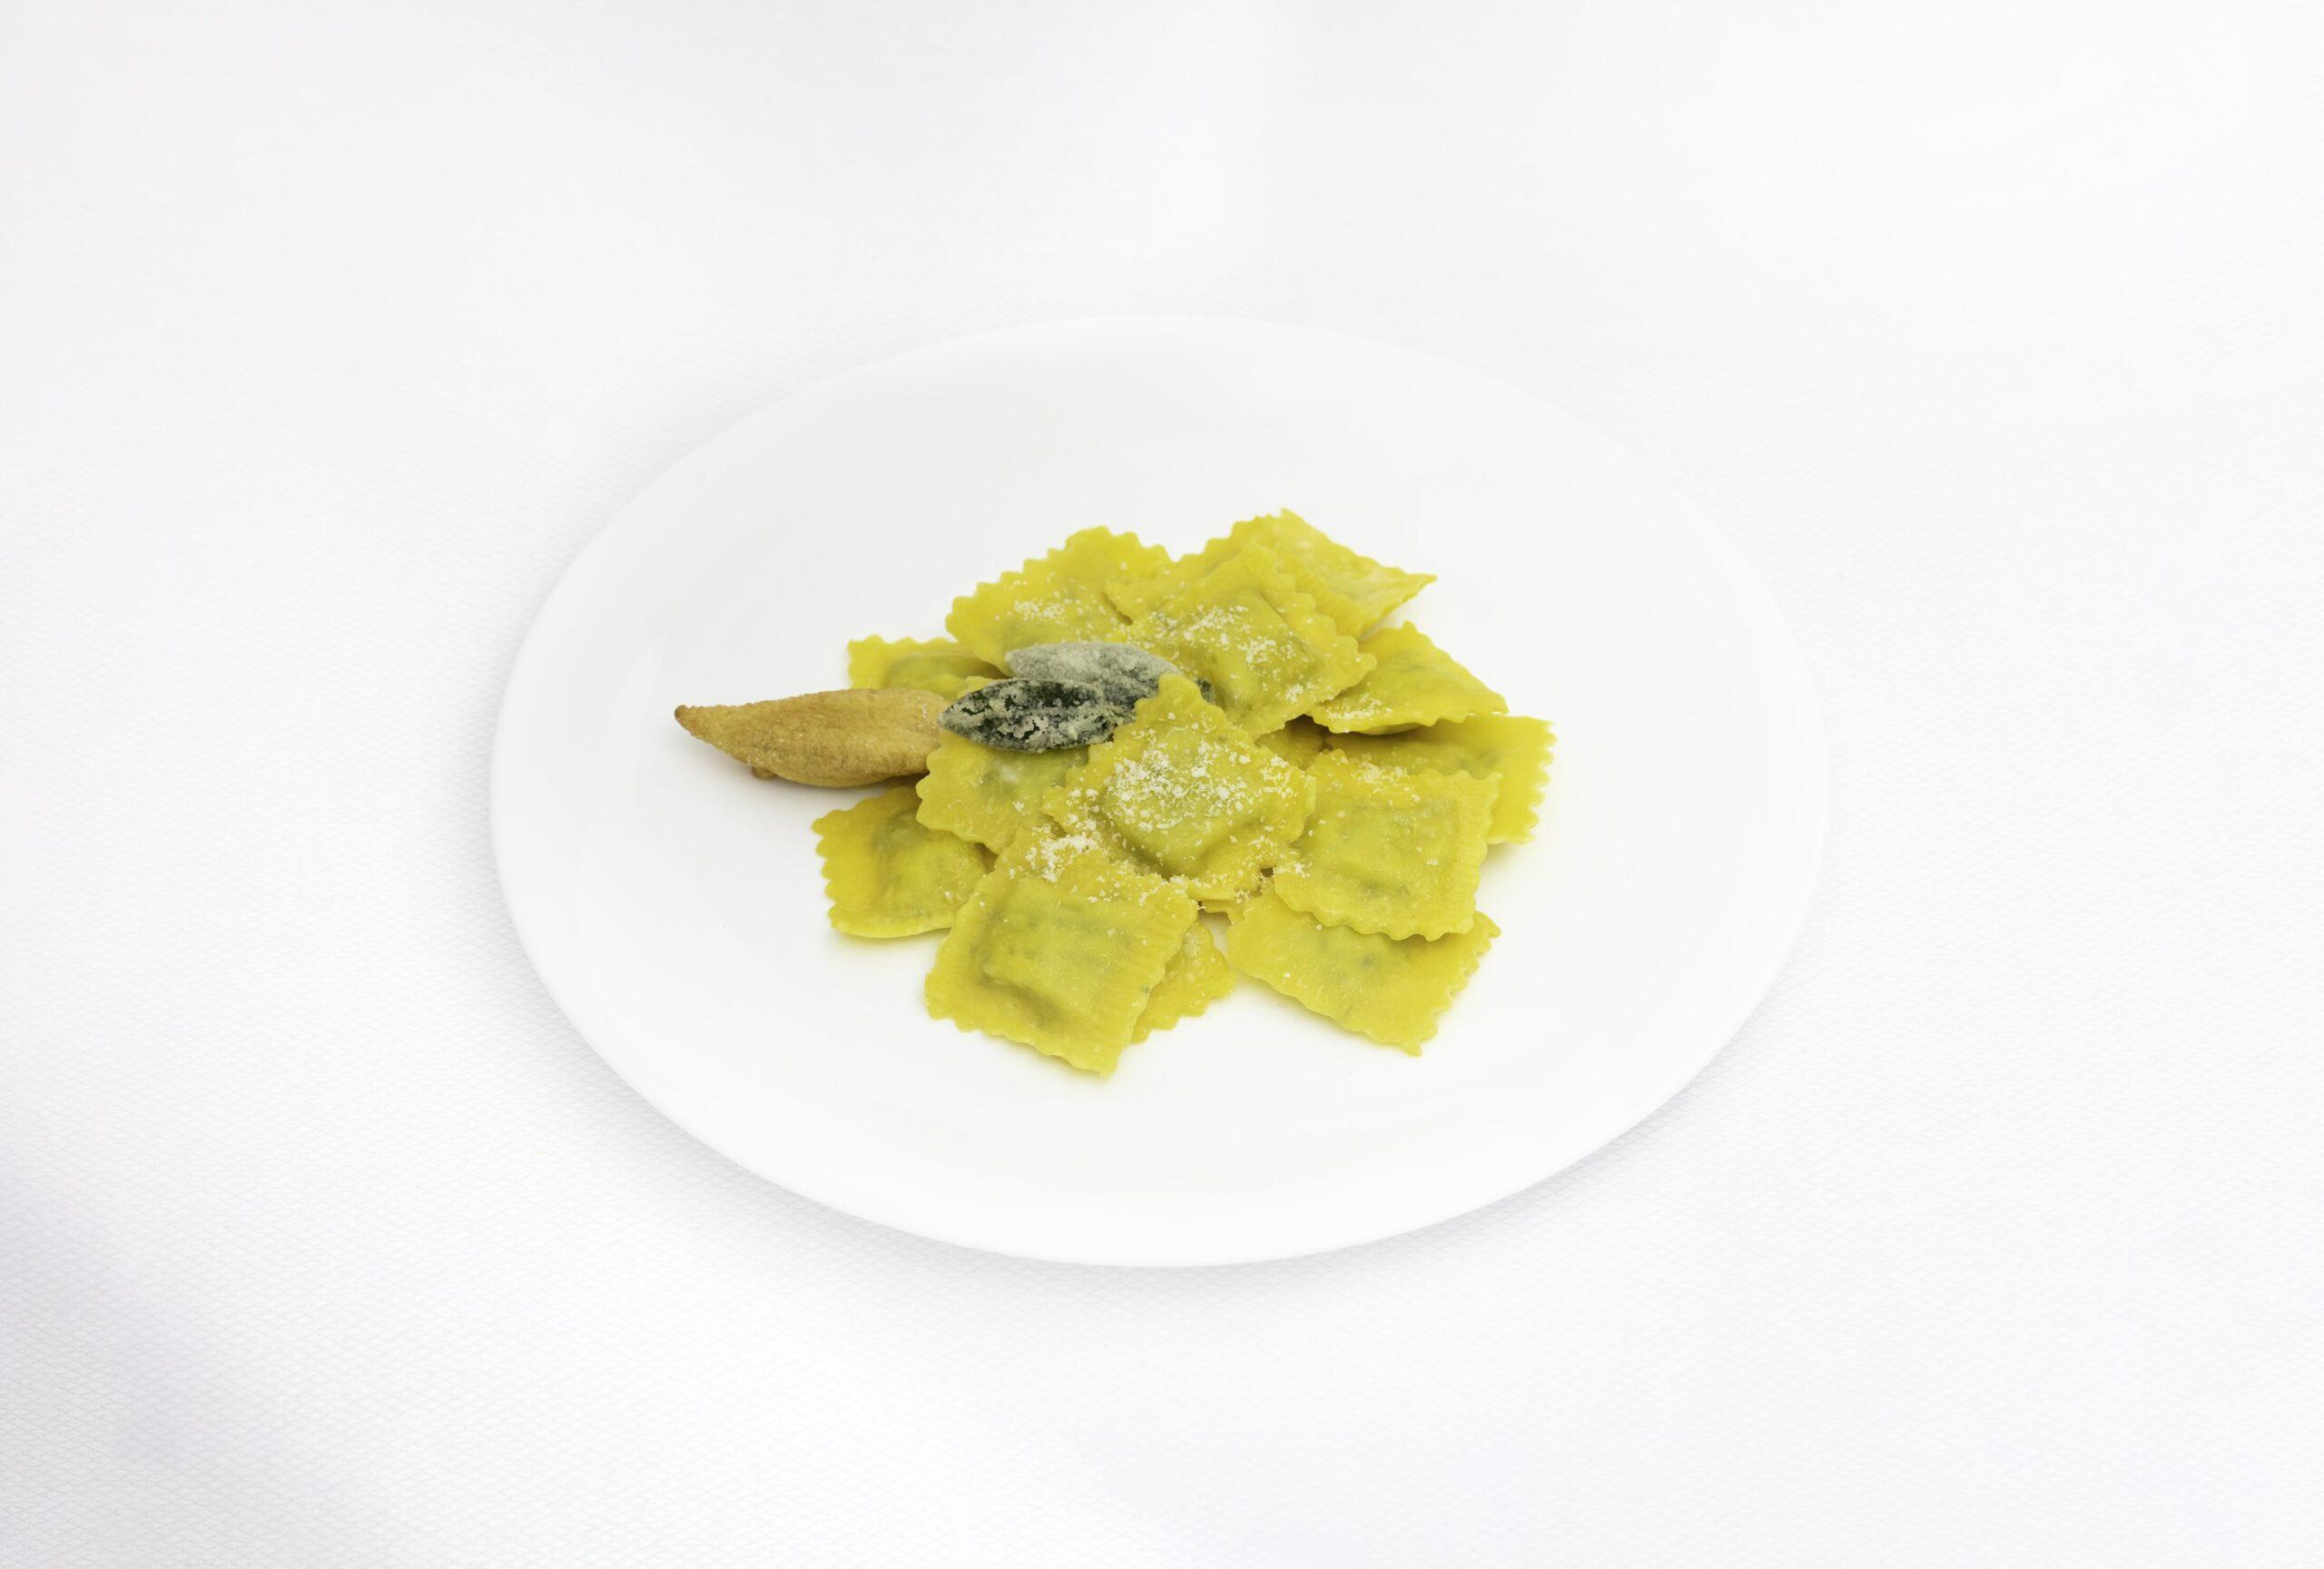 Pastifico-La-Fenice-pastificio-Cesenatico-pasta-fresca-pasta-surgelata-pasta-artigianale-Emilia-Romagna_ravioli-ricotta-spinaci-burro-salvia